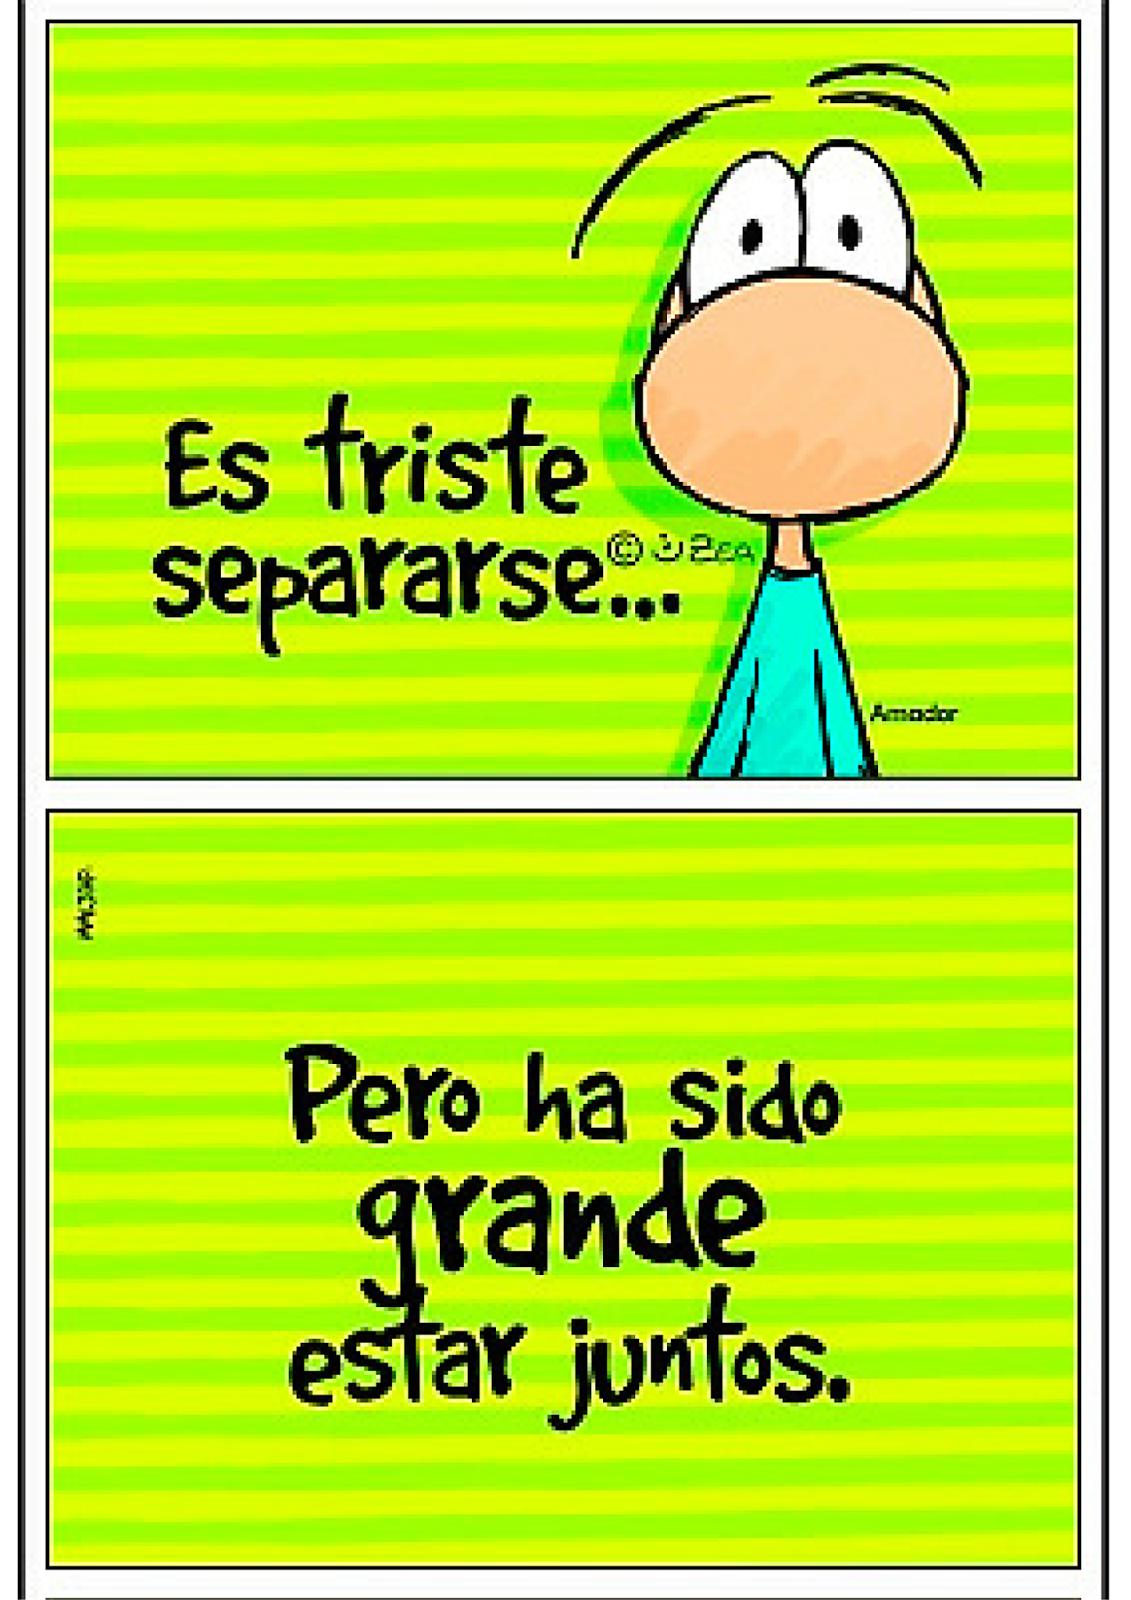 Frases de CUMPLEAÑOS en INGLÉS - Buscalogratis.es